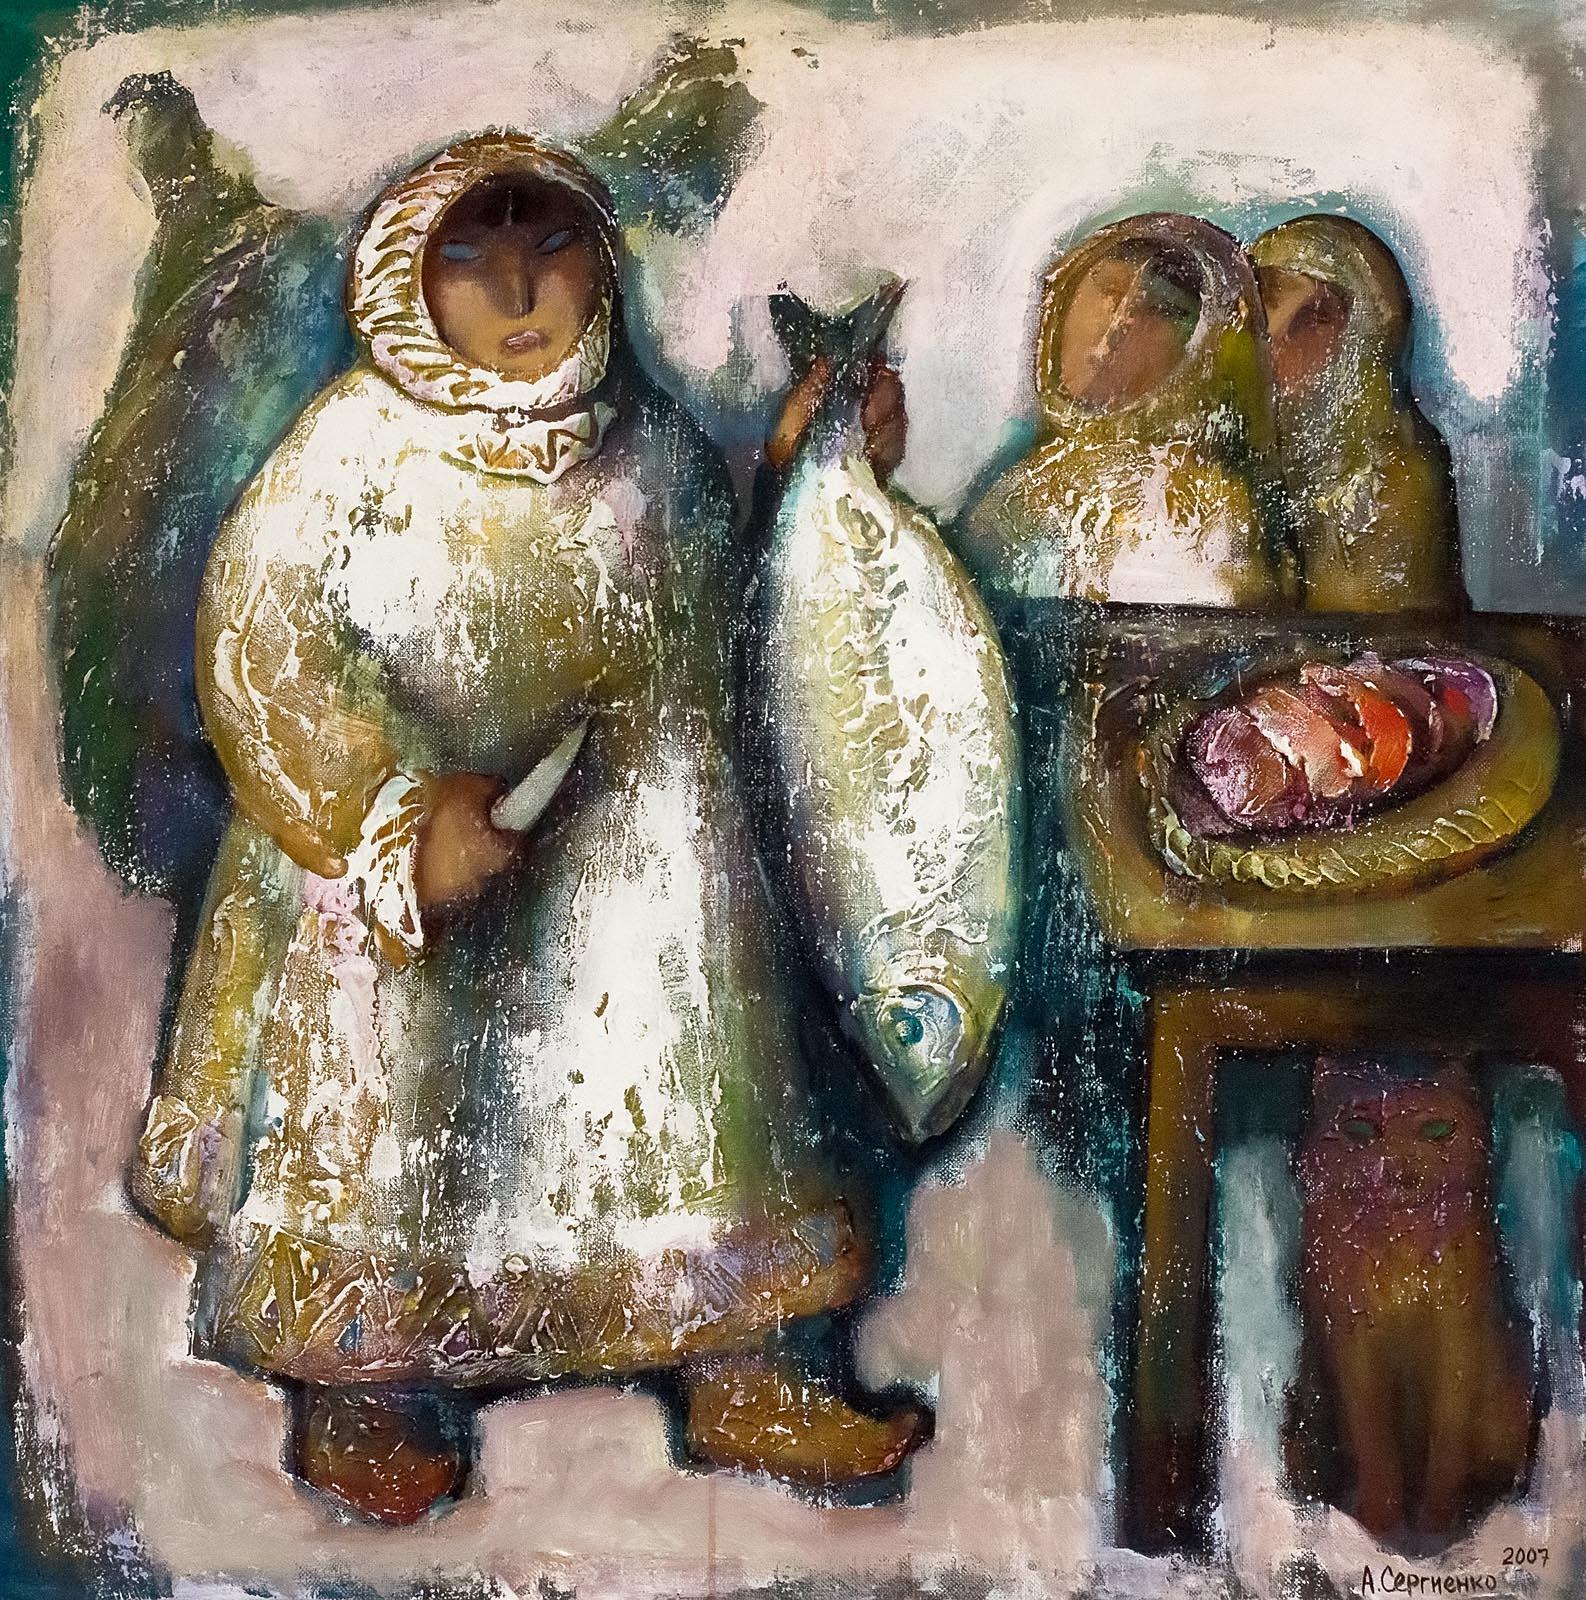 Фото №161507. СЕРГИЕНКО А.А. 1946, Заслуженный художник России, Североморск. СААМСКИЙ СЮЖЕТ